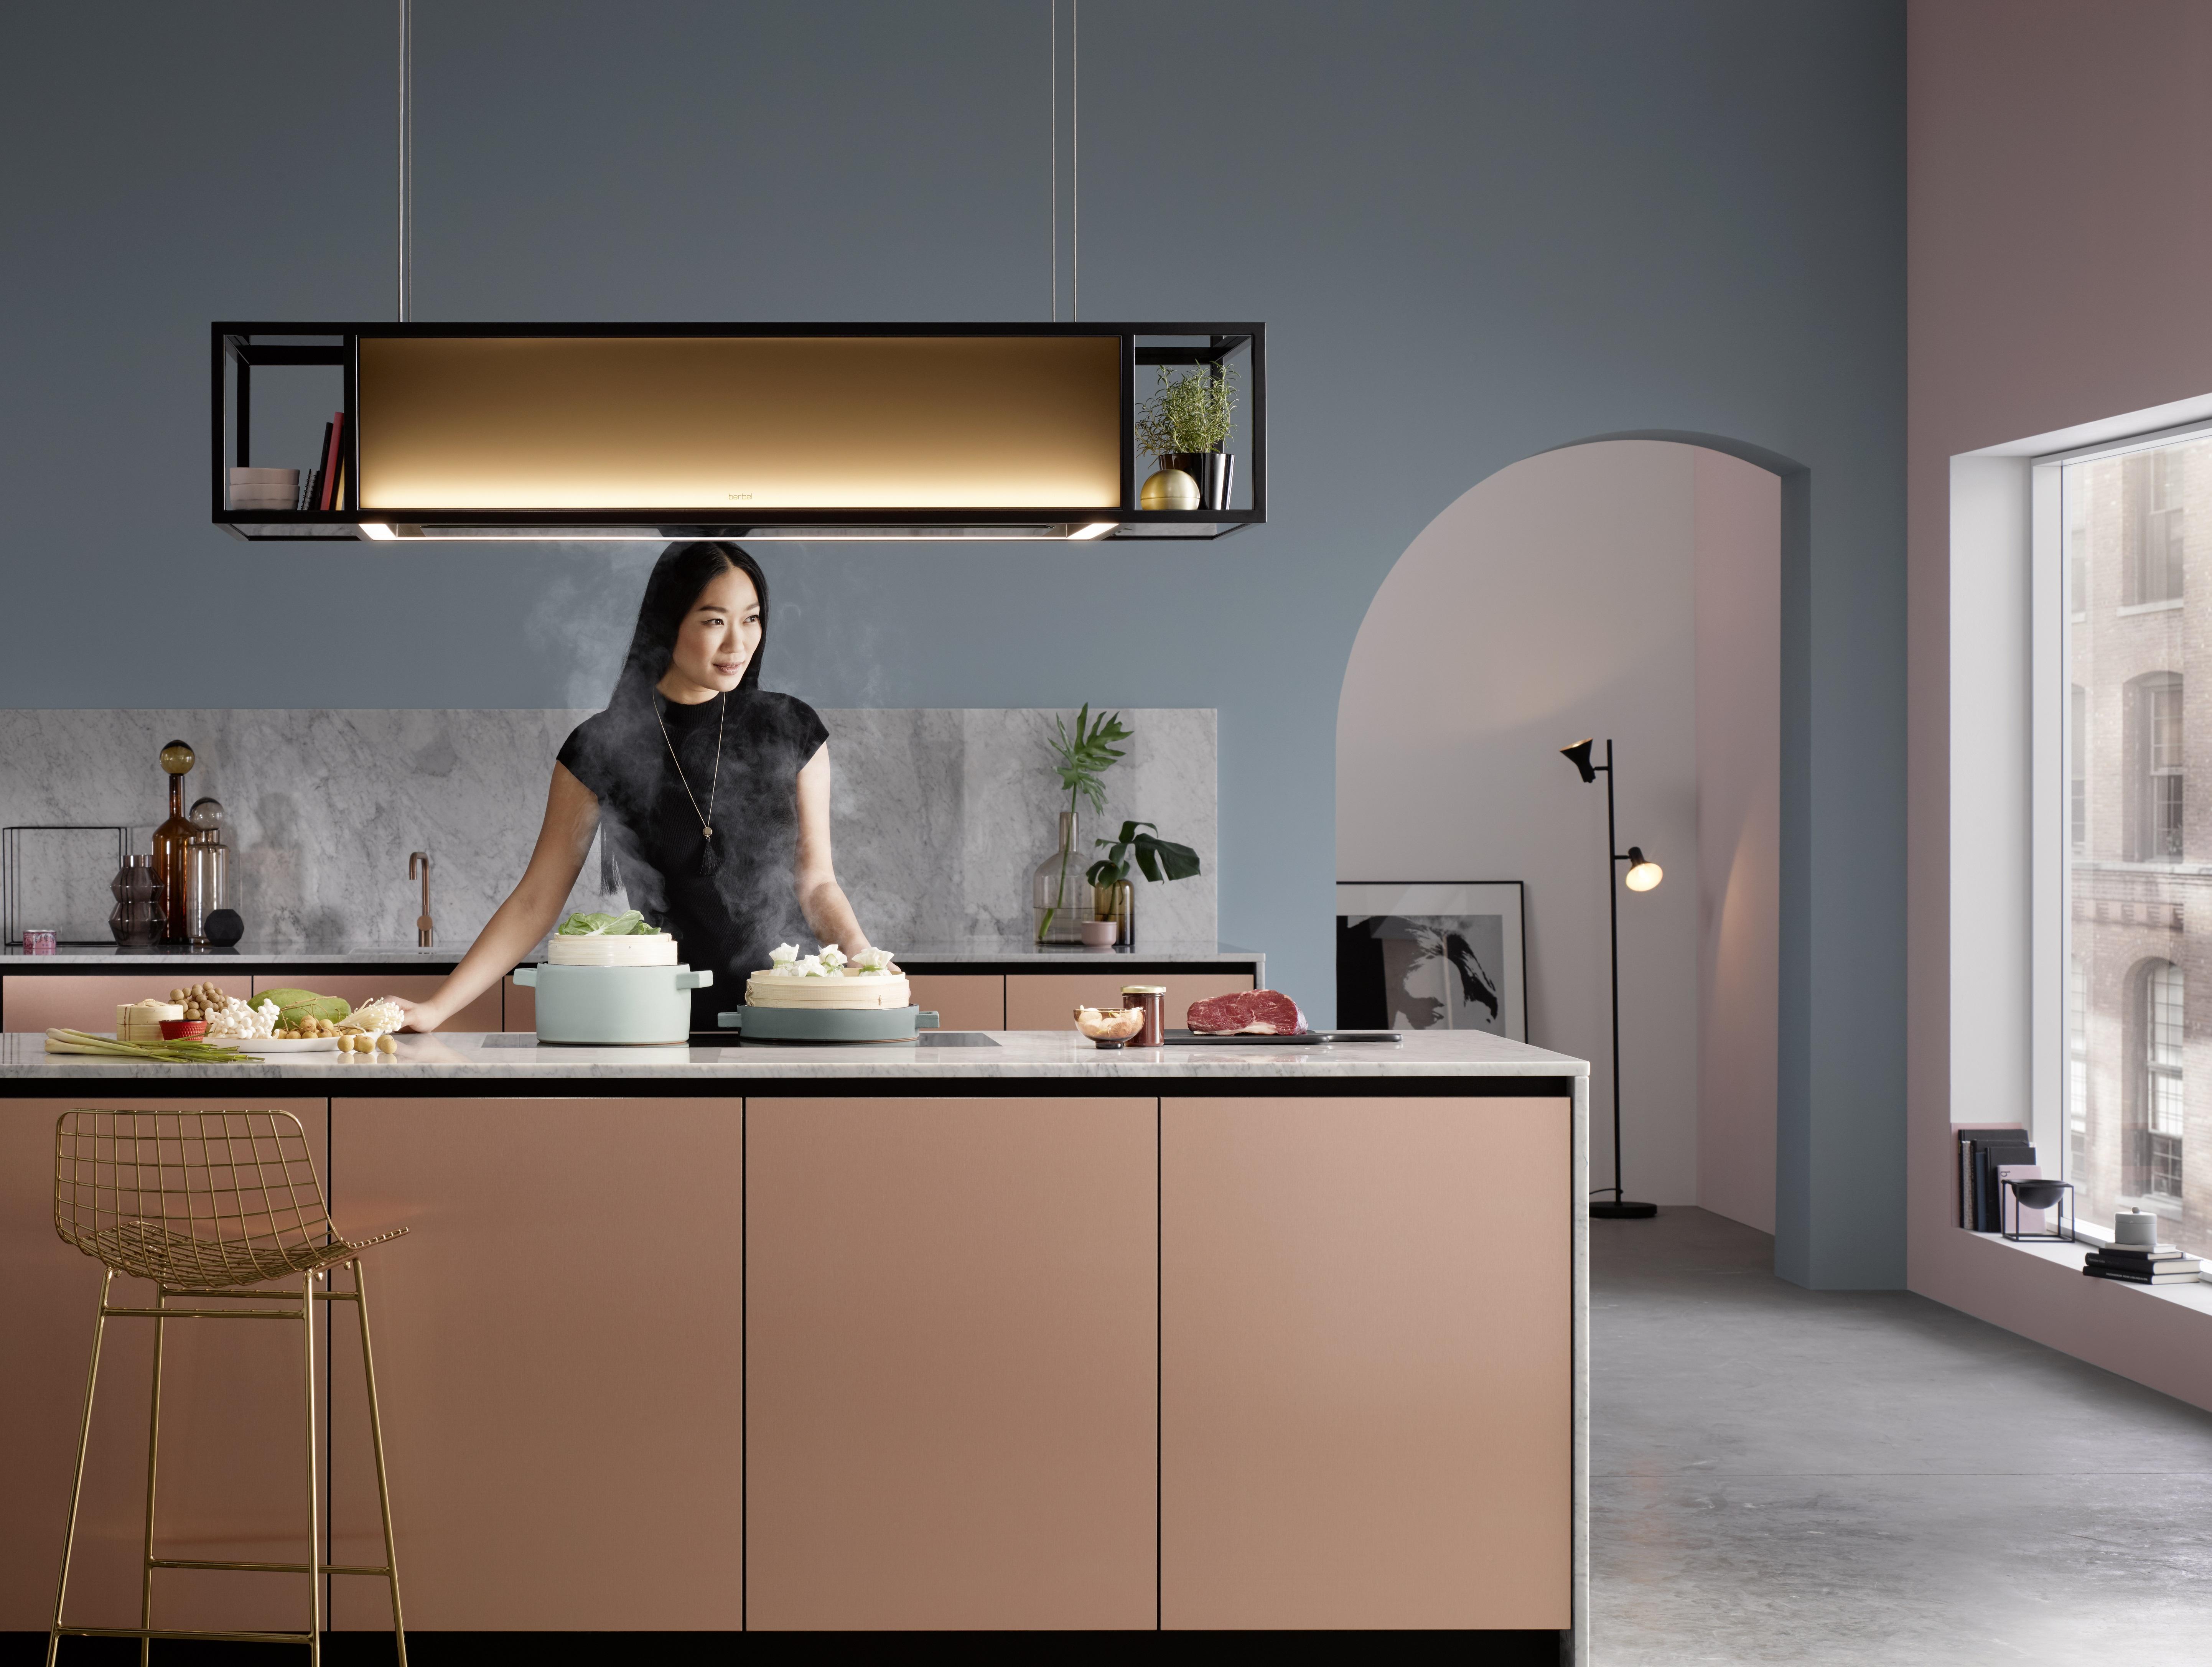 Es werde Licht in der Küche